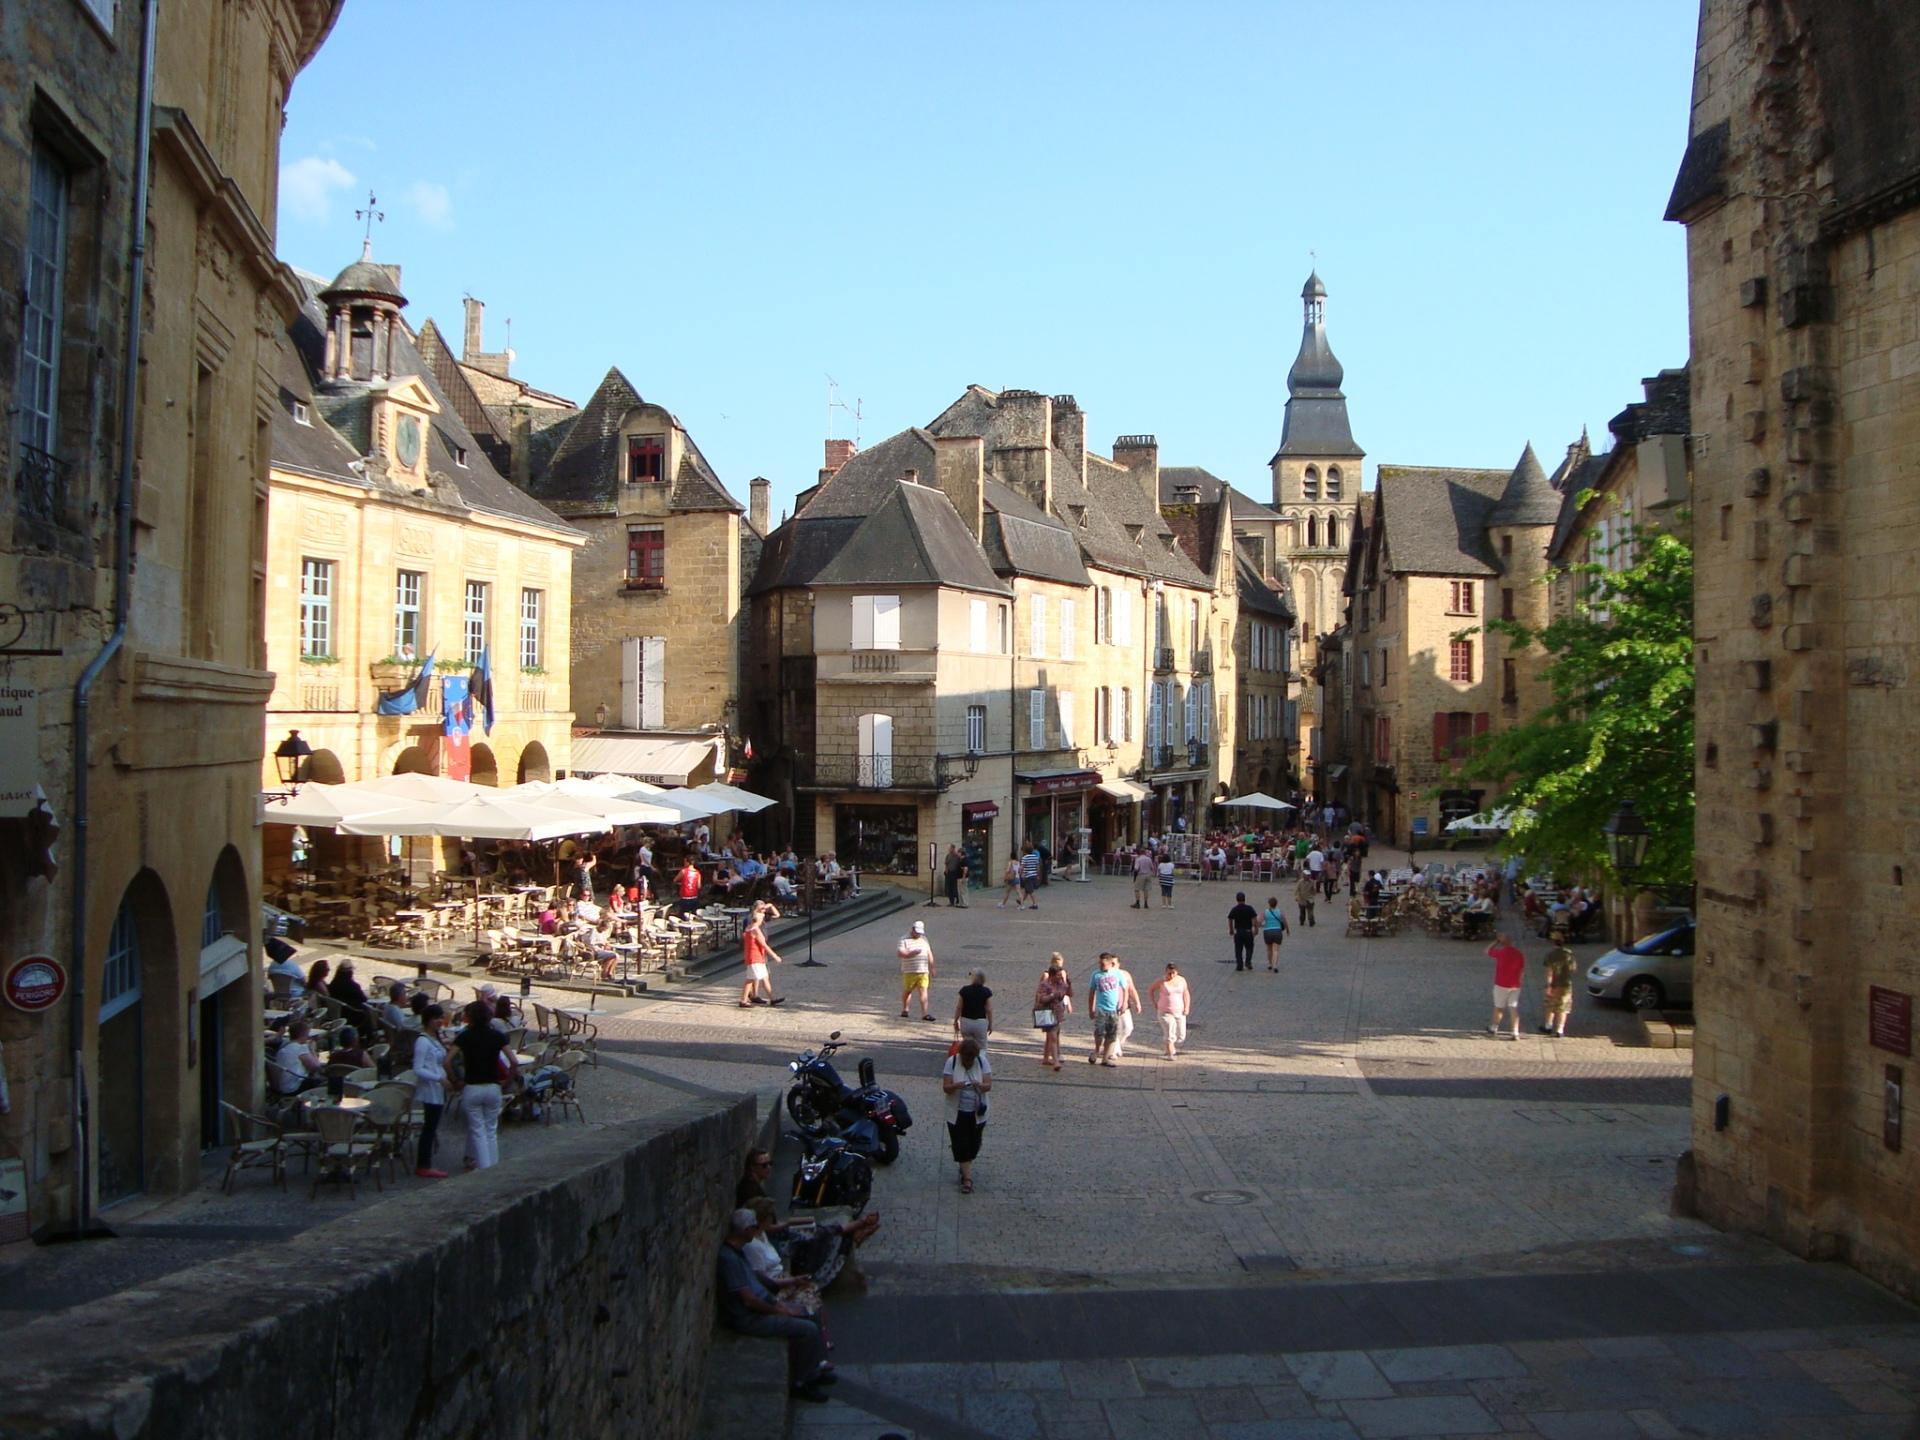 La plaza seca, o el centro de la ciudad